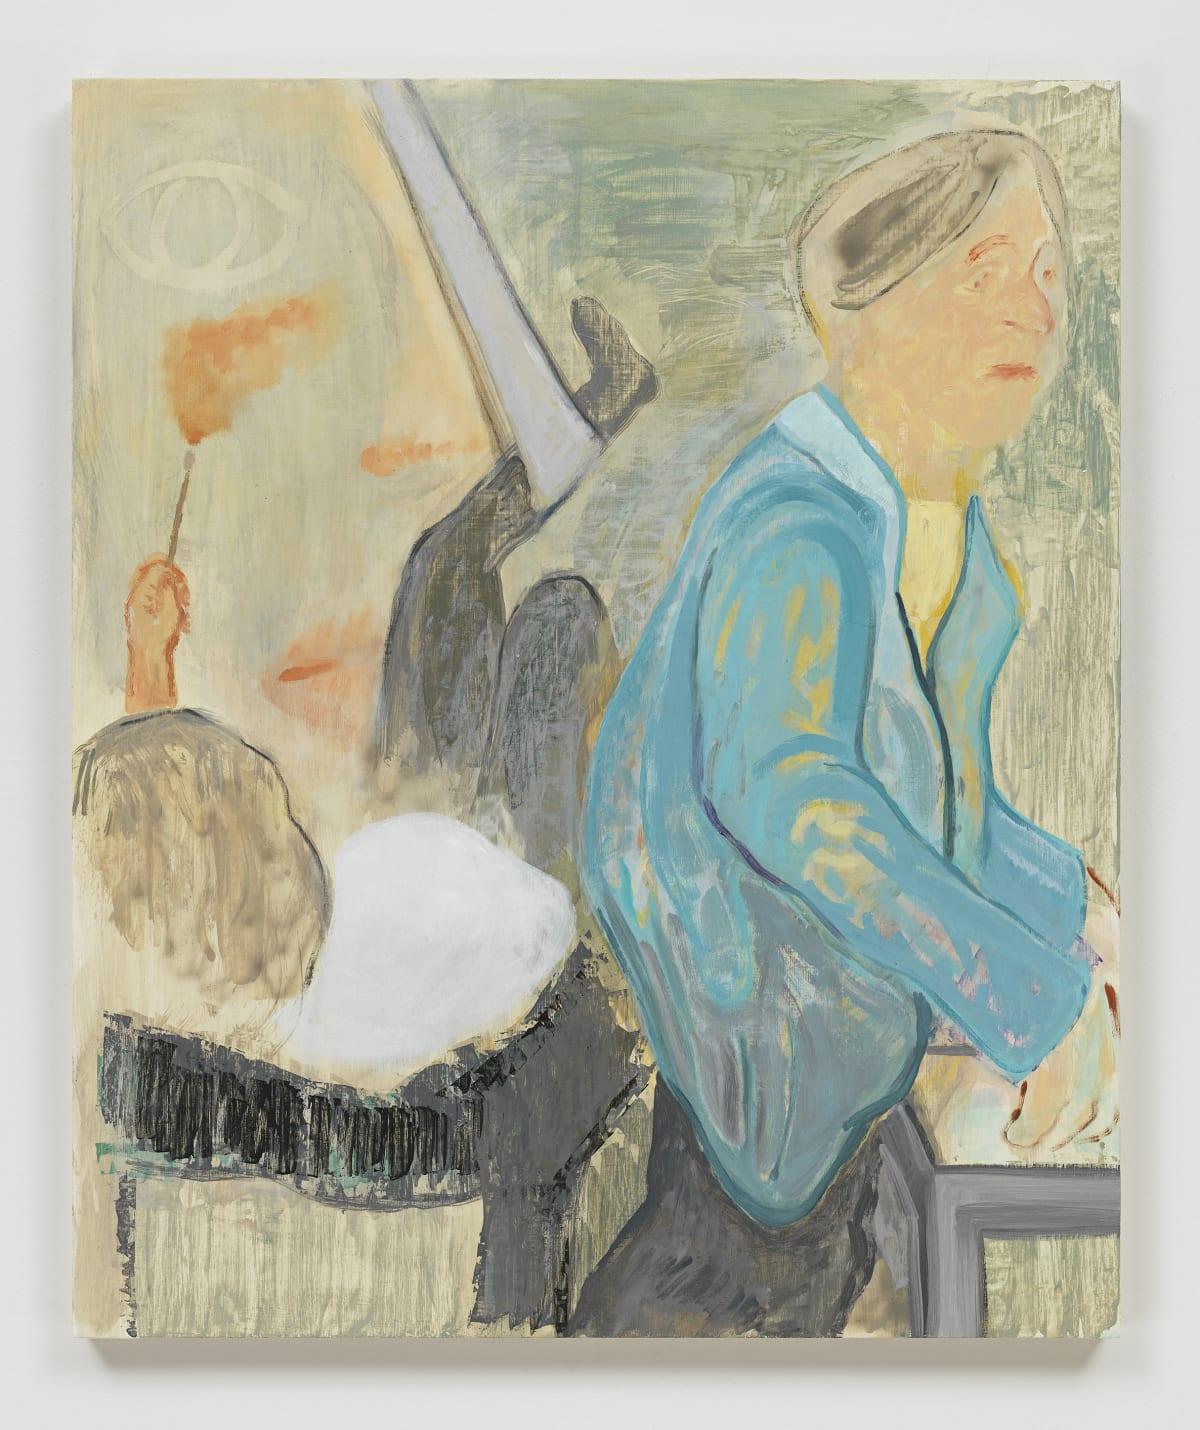 Sam Bornstein, Doctor, Patient, Painter, 2019